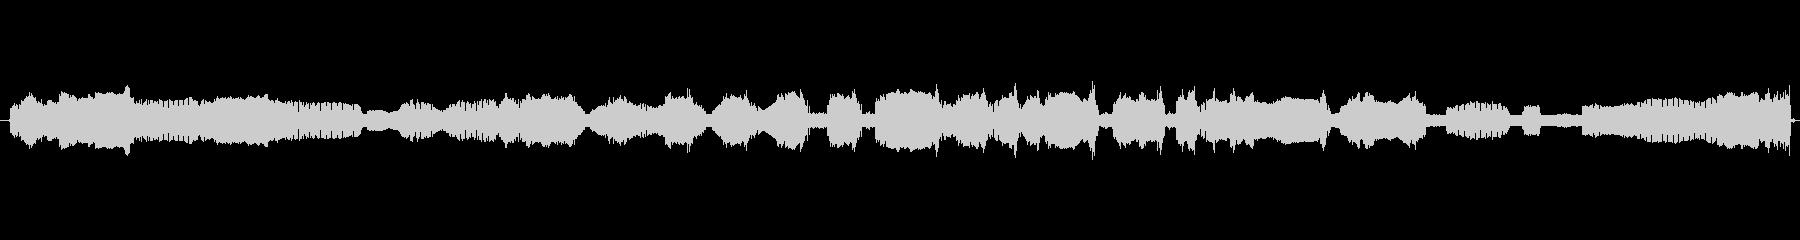 家庭 カミソリクラッターロング03の未再生の波形